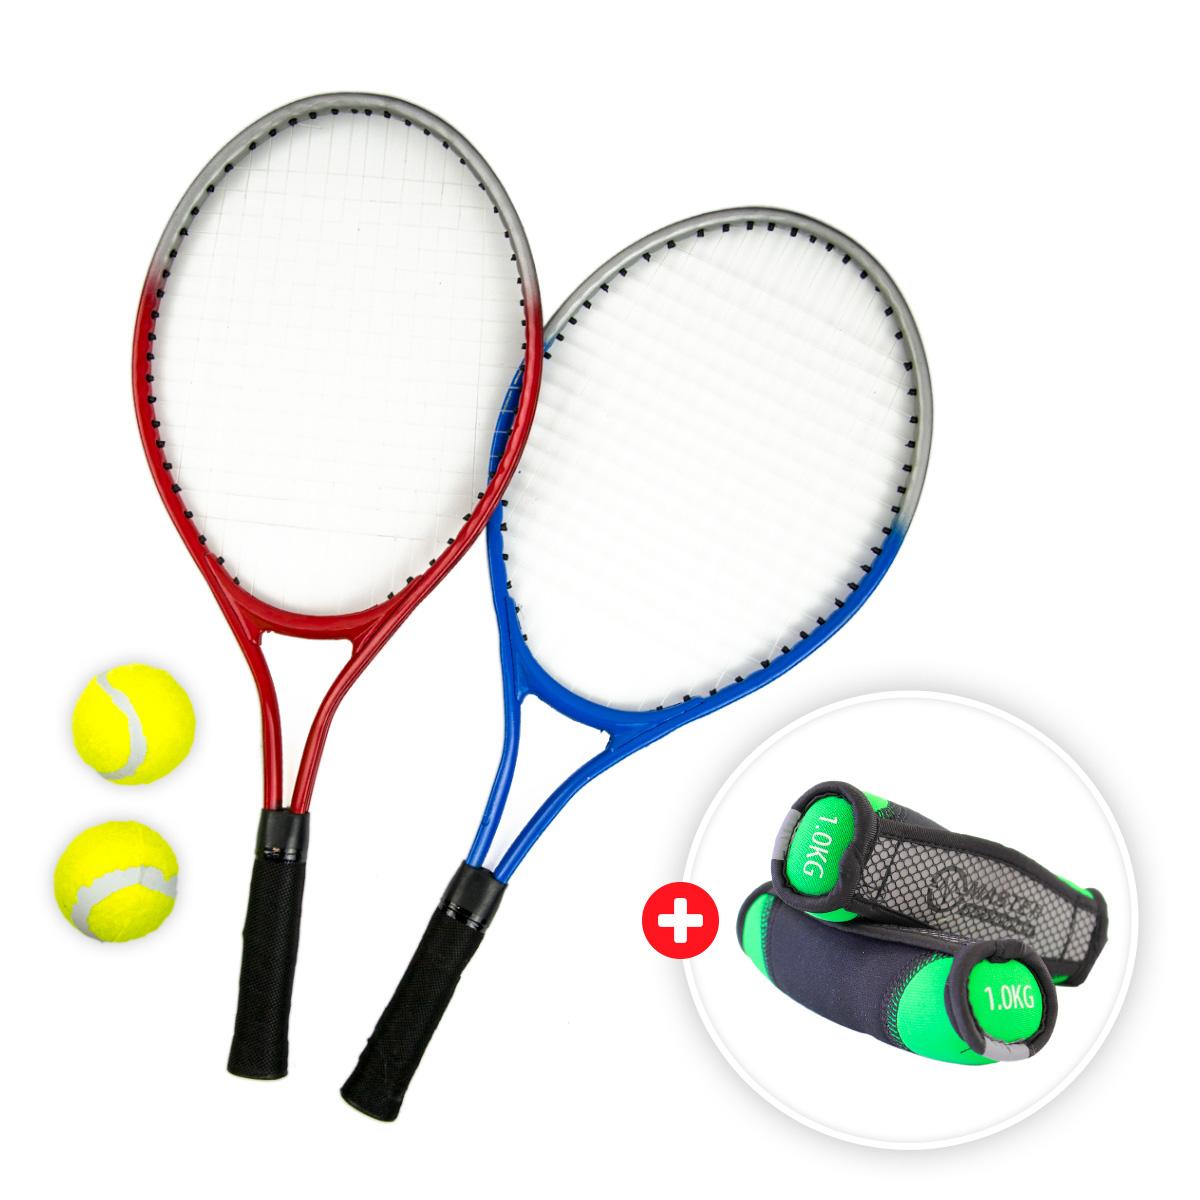 Akčný set - tenisový set MASTER Mini so sieťou + neoprénové činky MASTER Jogging 2 x 1 kg